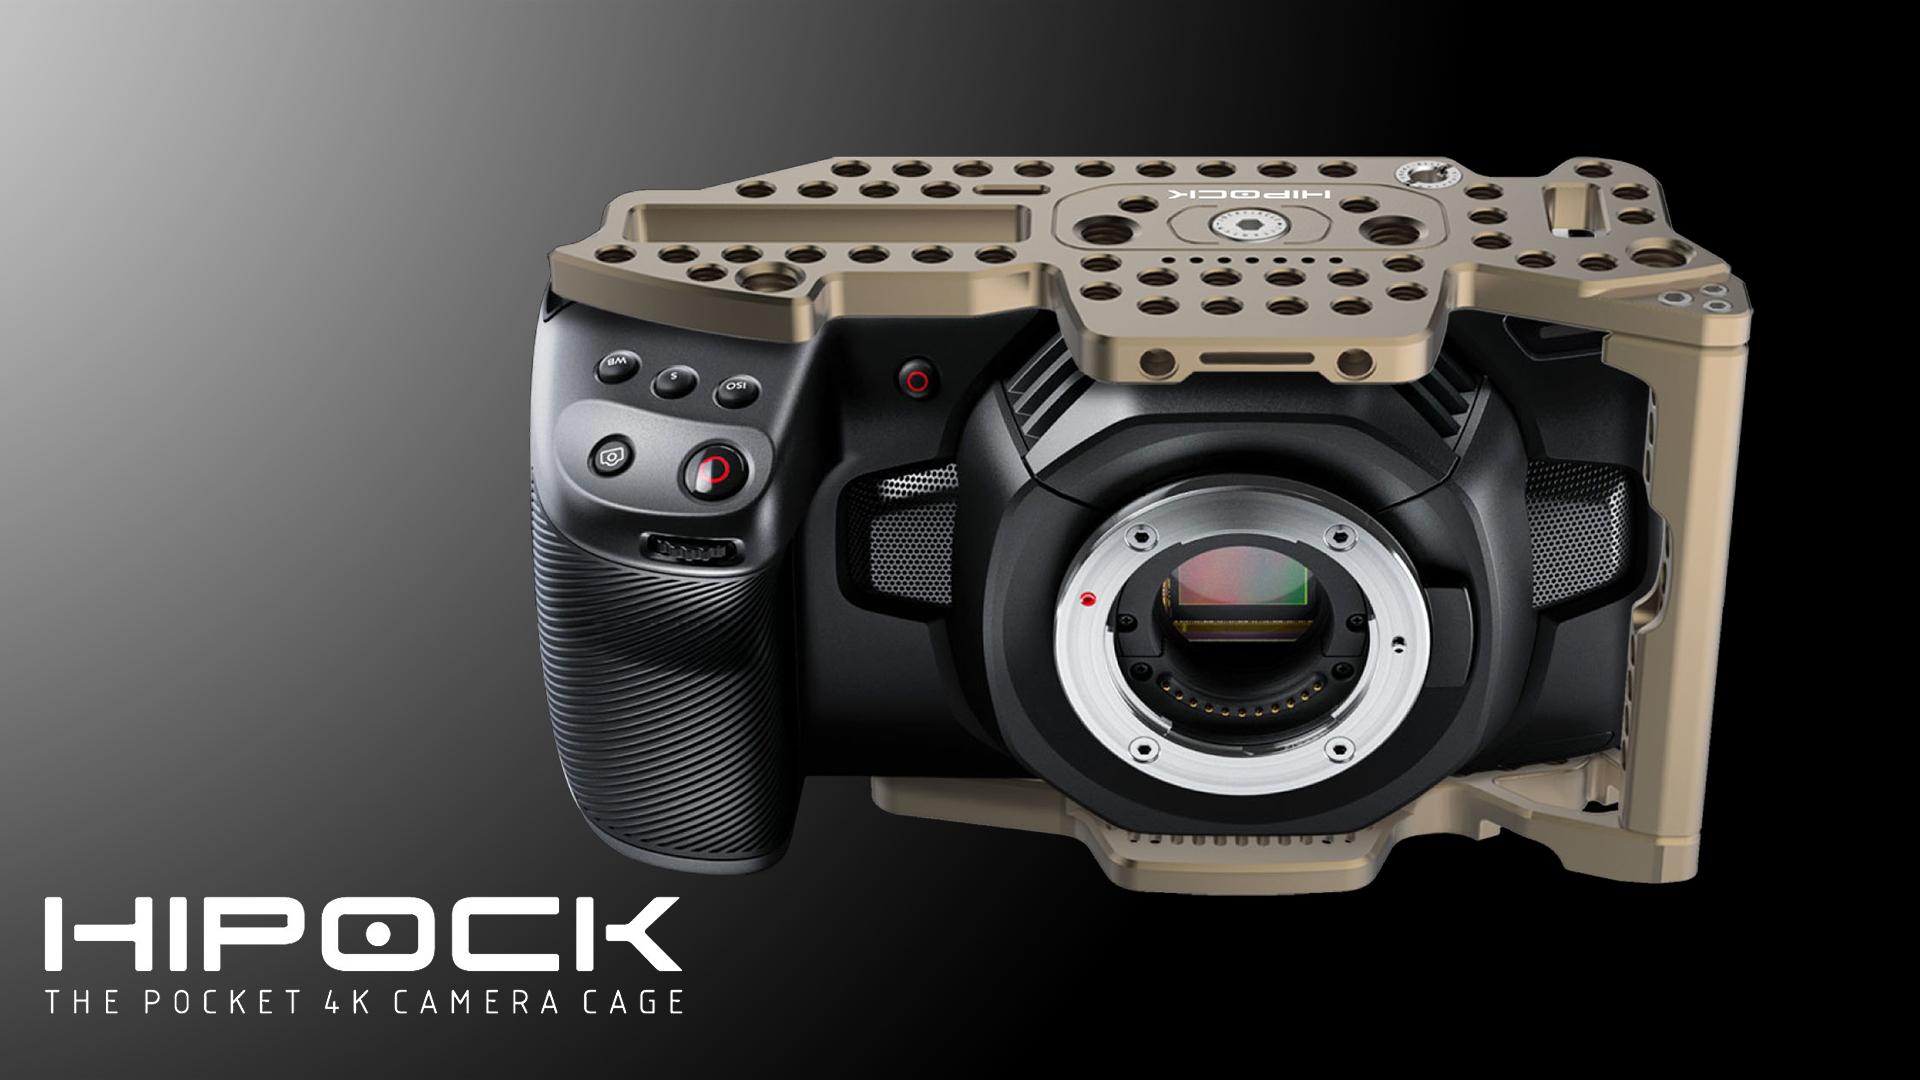 ロックサークル(LockCircle)のHiPock - Blackmagic Pocket Cinema Camera 4K用ケージ